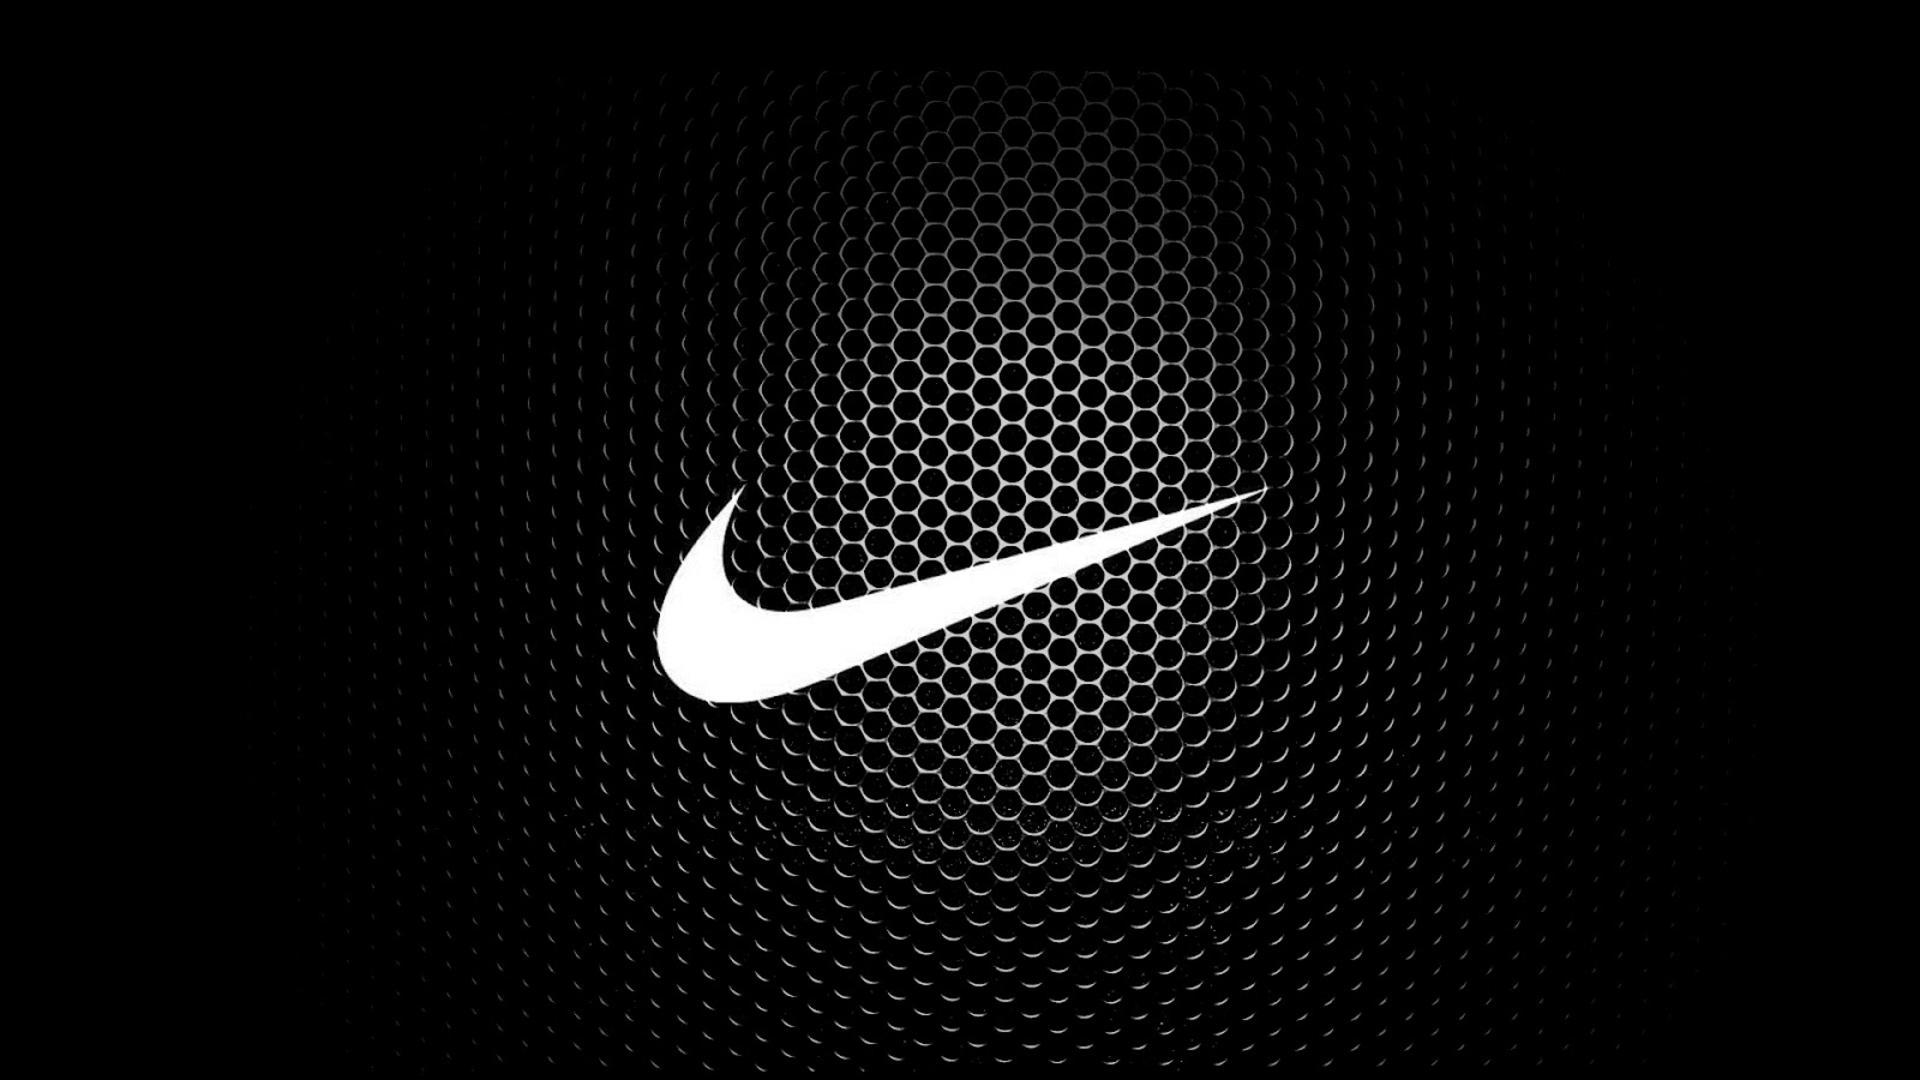 Nike Logo  Iron Mesh  1600x900 Pixel   Images 9108 HD Wallpaper